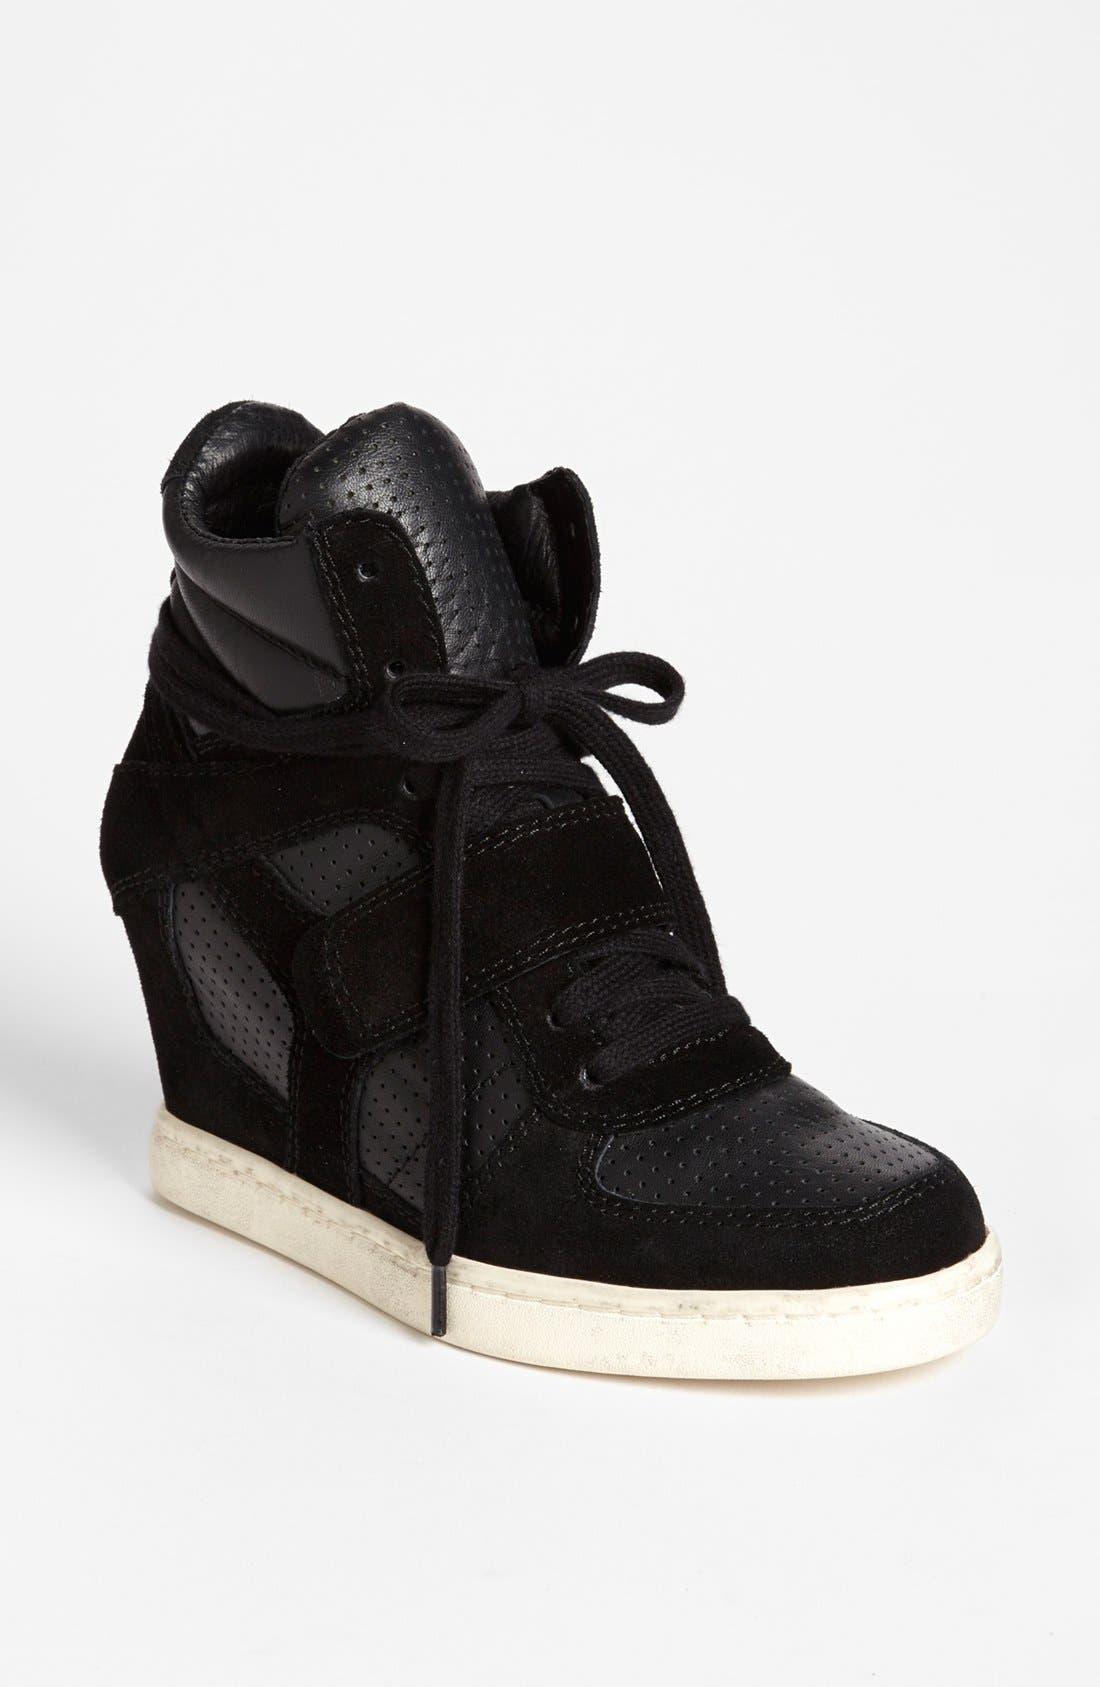 Main Image - Ash 'Cool' Sneaker